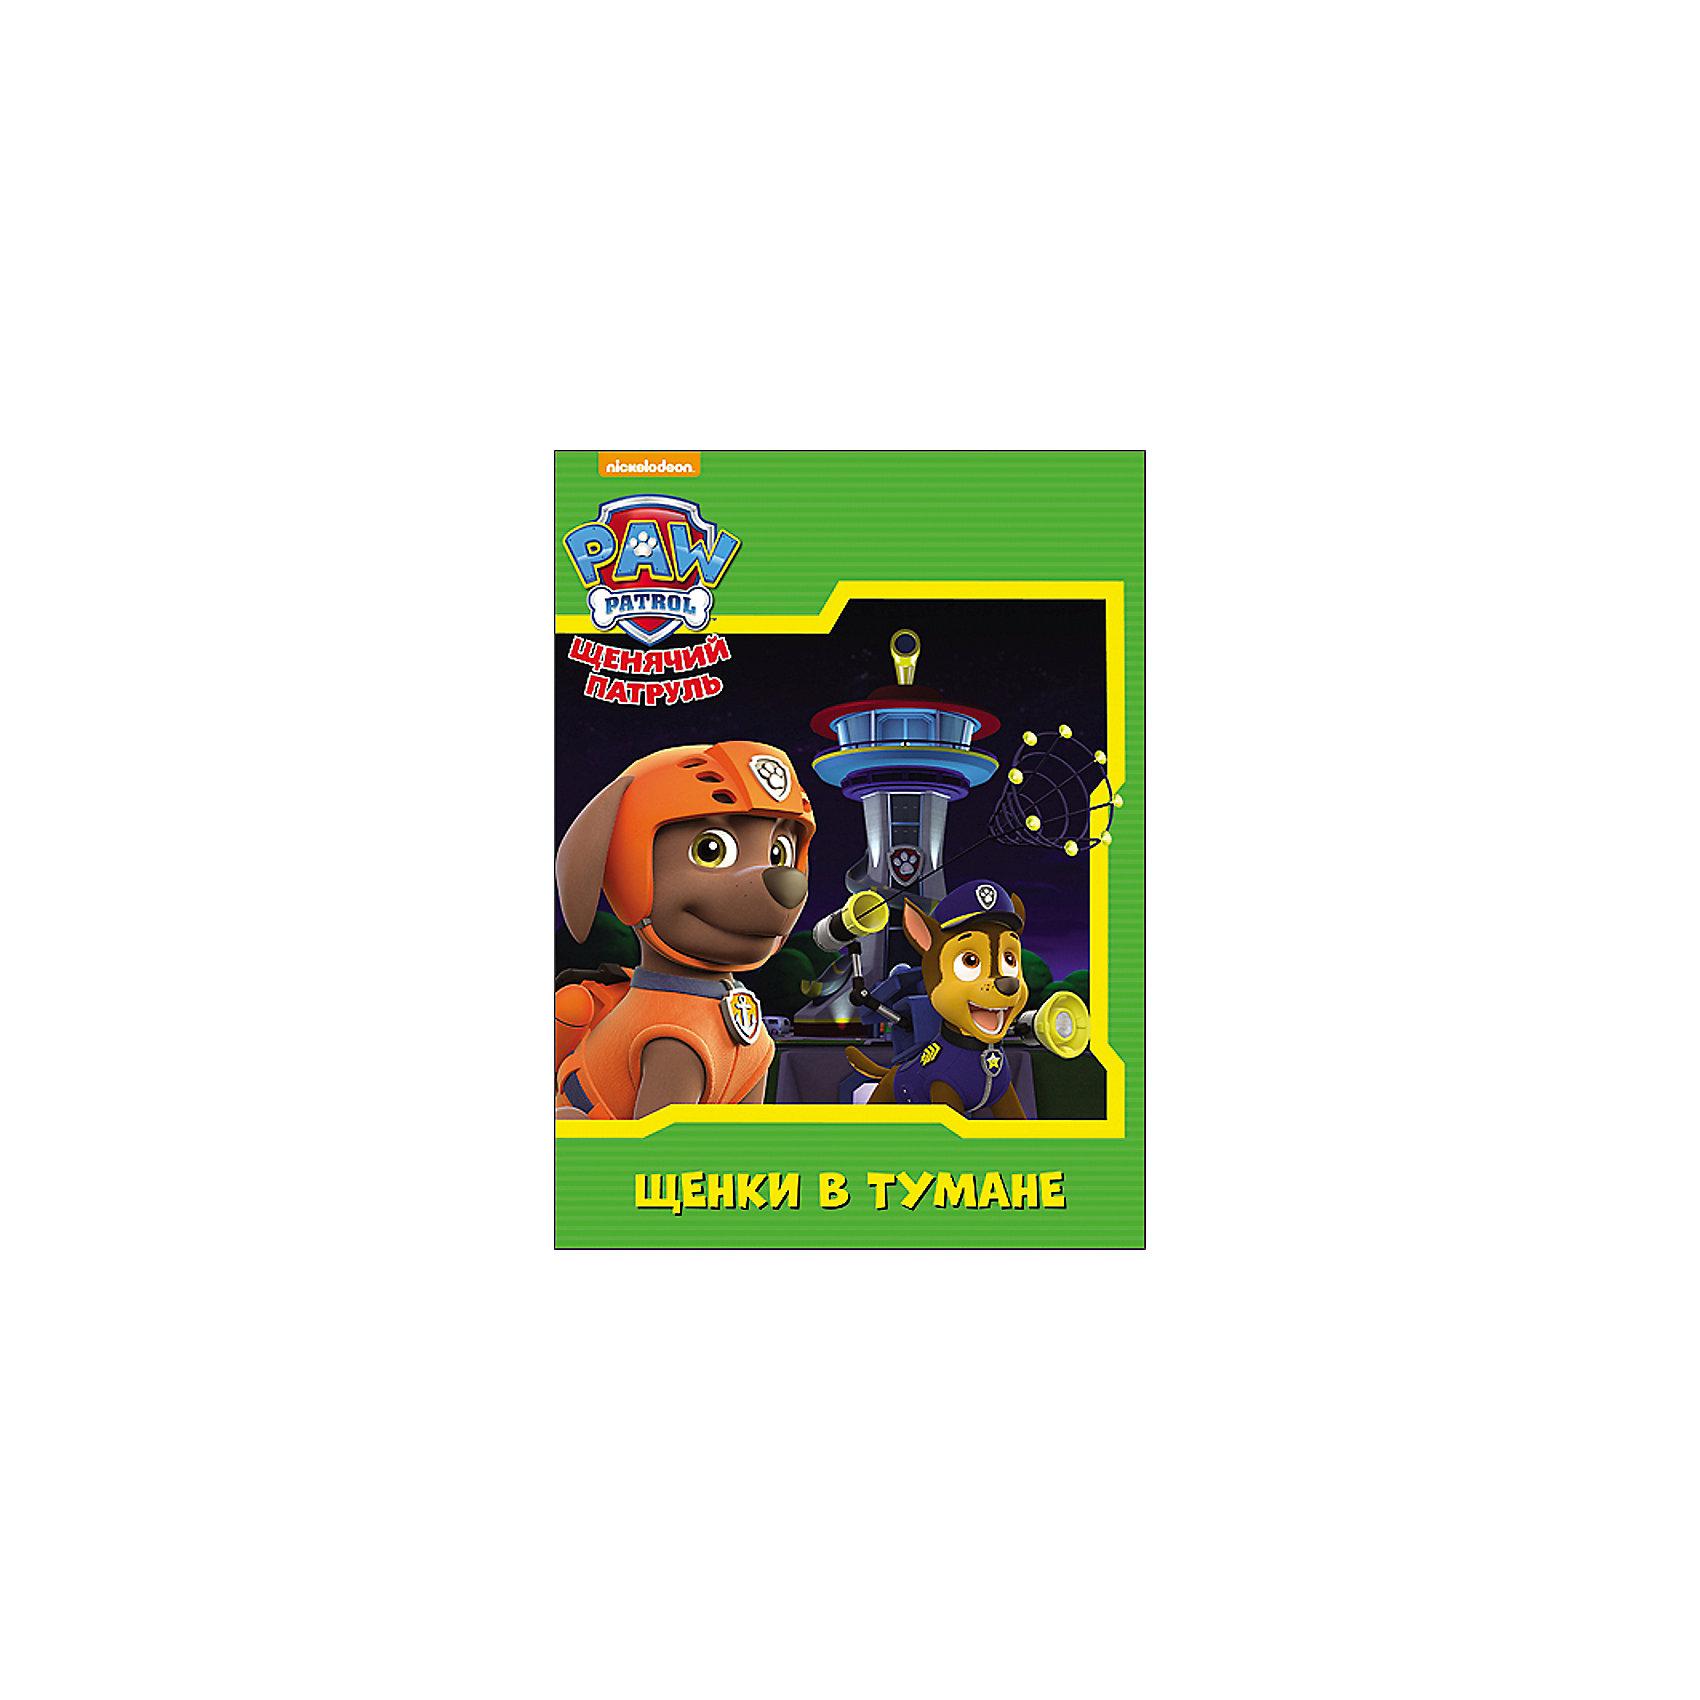 Проф-Пресс Щенки в тумане, Щенячий патруль бумага цветная 10 листов 10 цветов двухсторонняя щенячий патруль